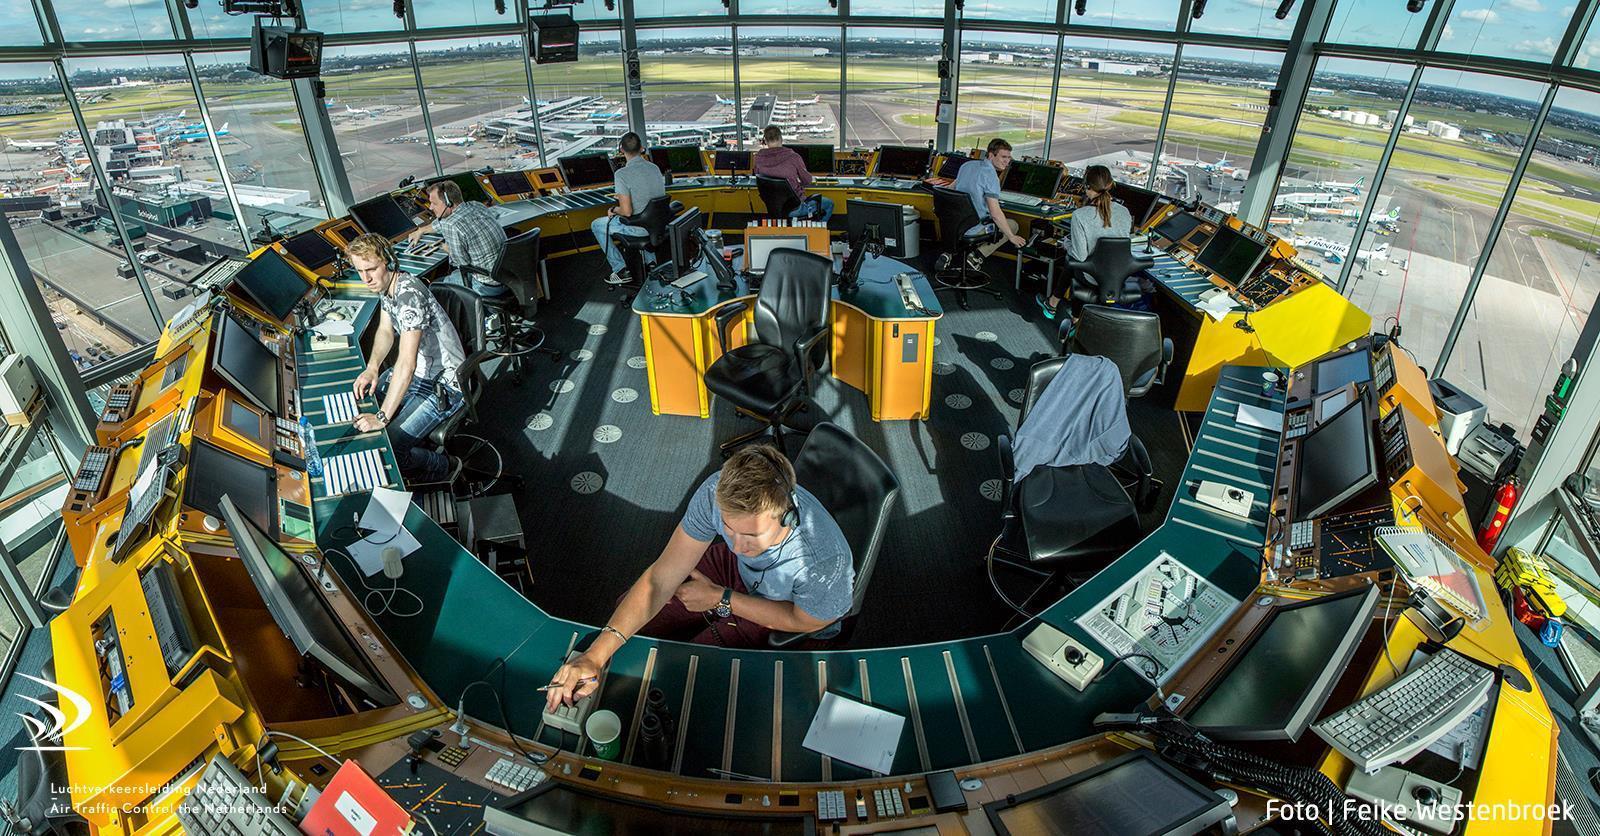 Netwerk Luchtverkeersleiding, KLM en Schiphol was onbeveiligd